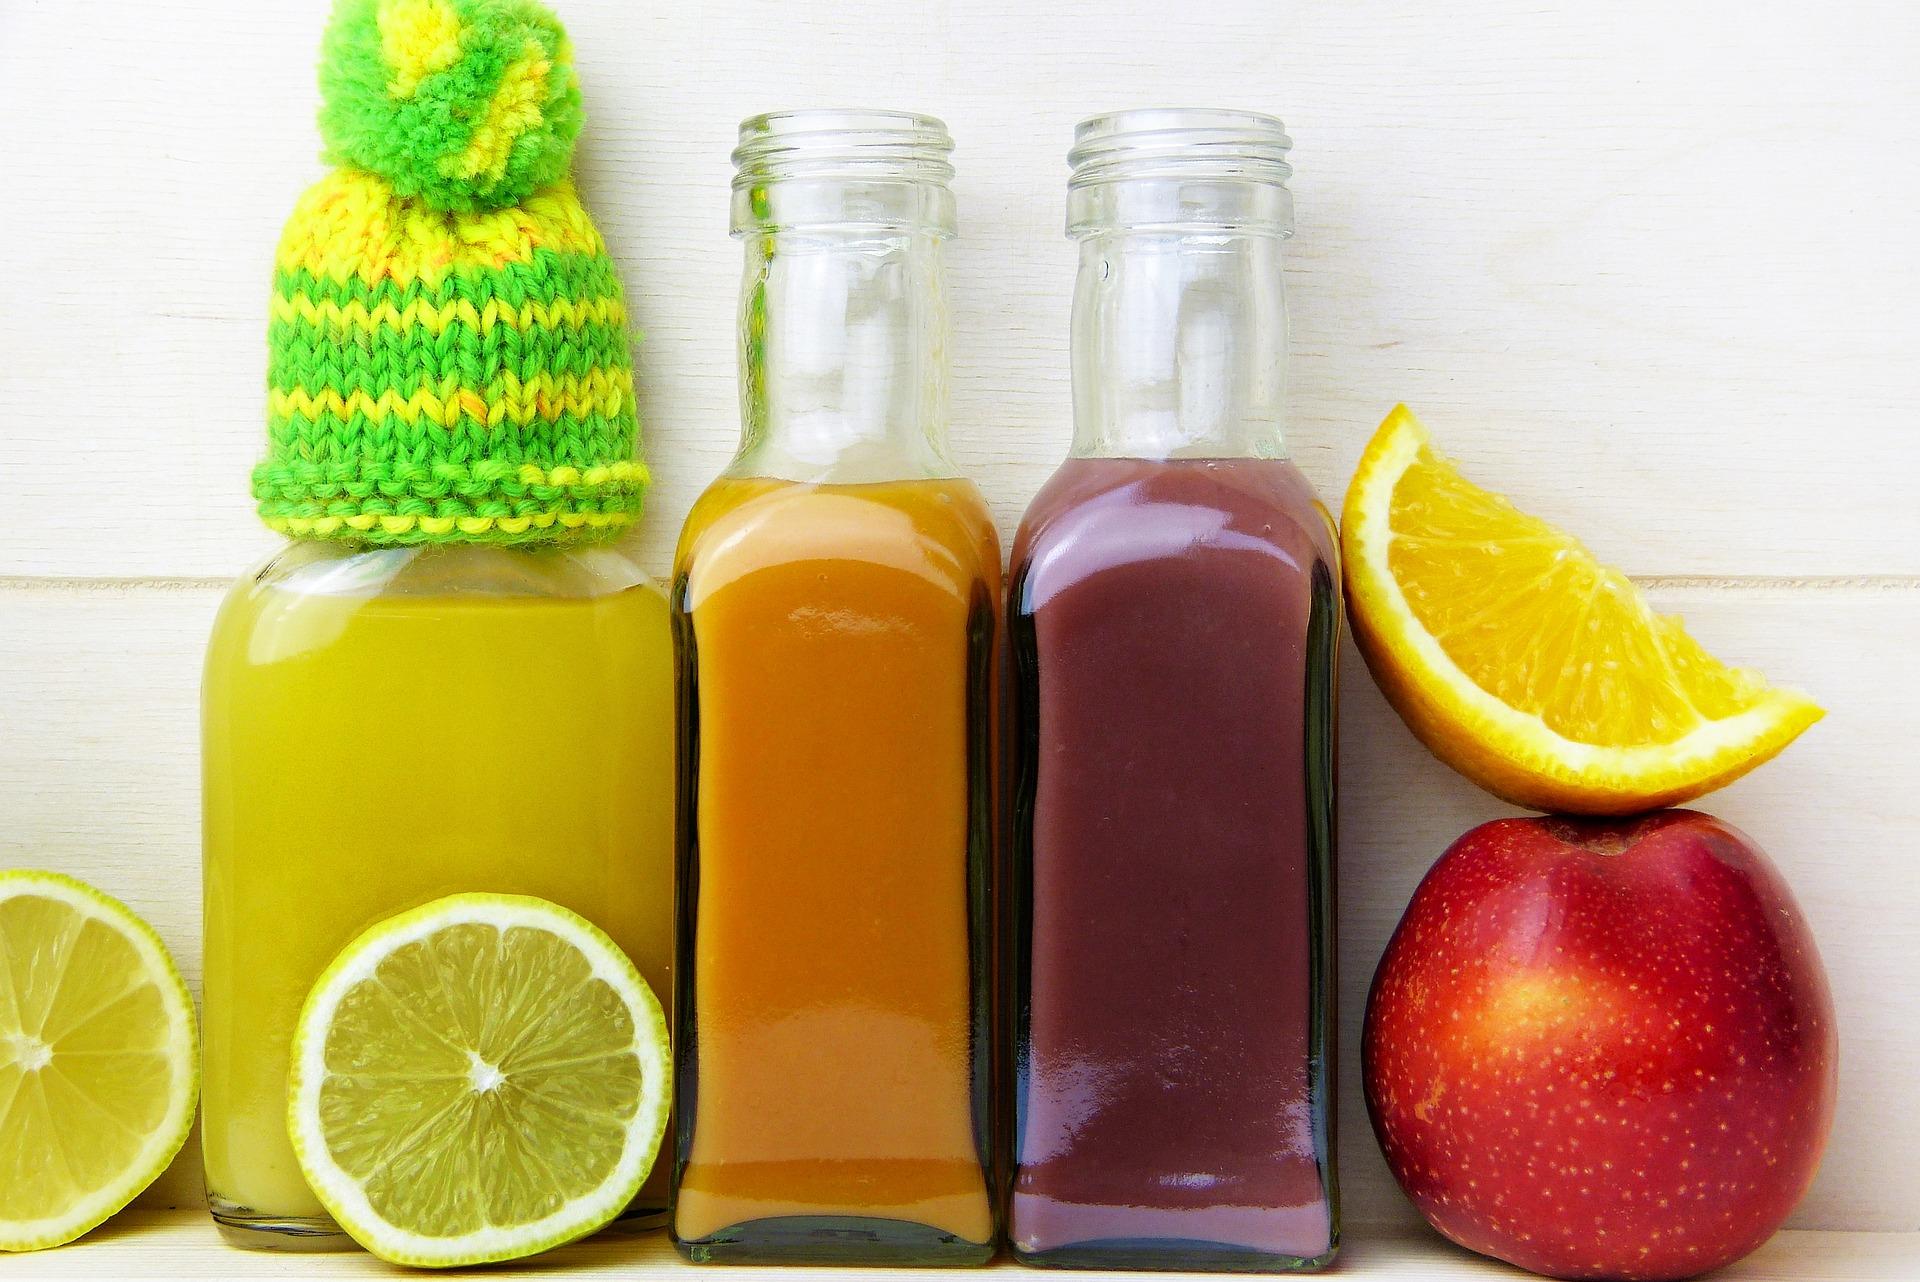 Comment bien choisir son jus de fruit bio? 2